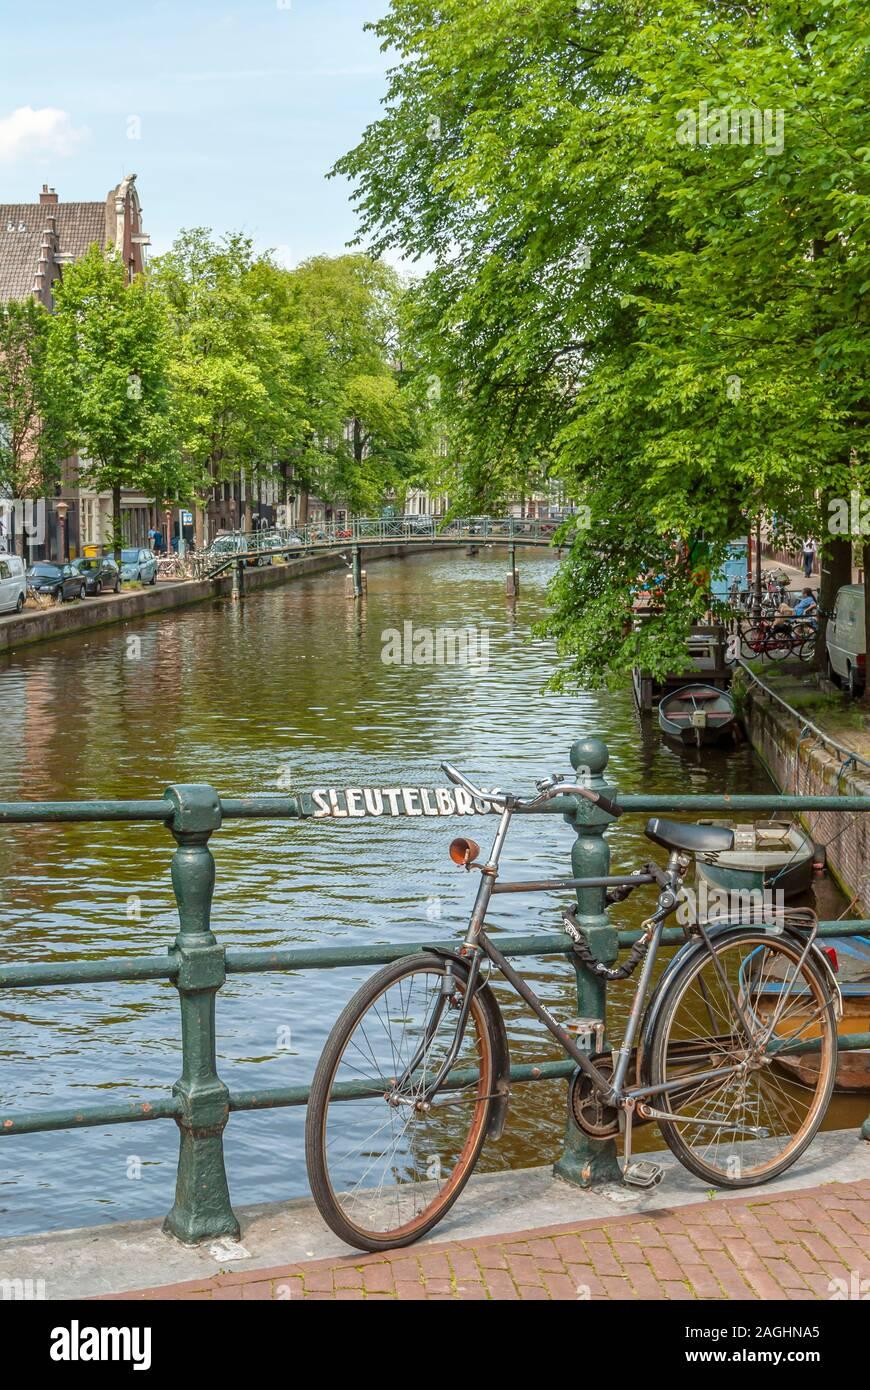 Vieux vélo sur le Sleutelbrug bridge dans le centre-ville d'Amsterdam, Netherlande Banque D'Images